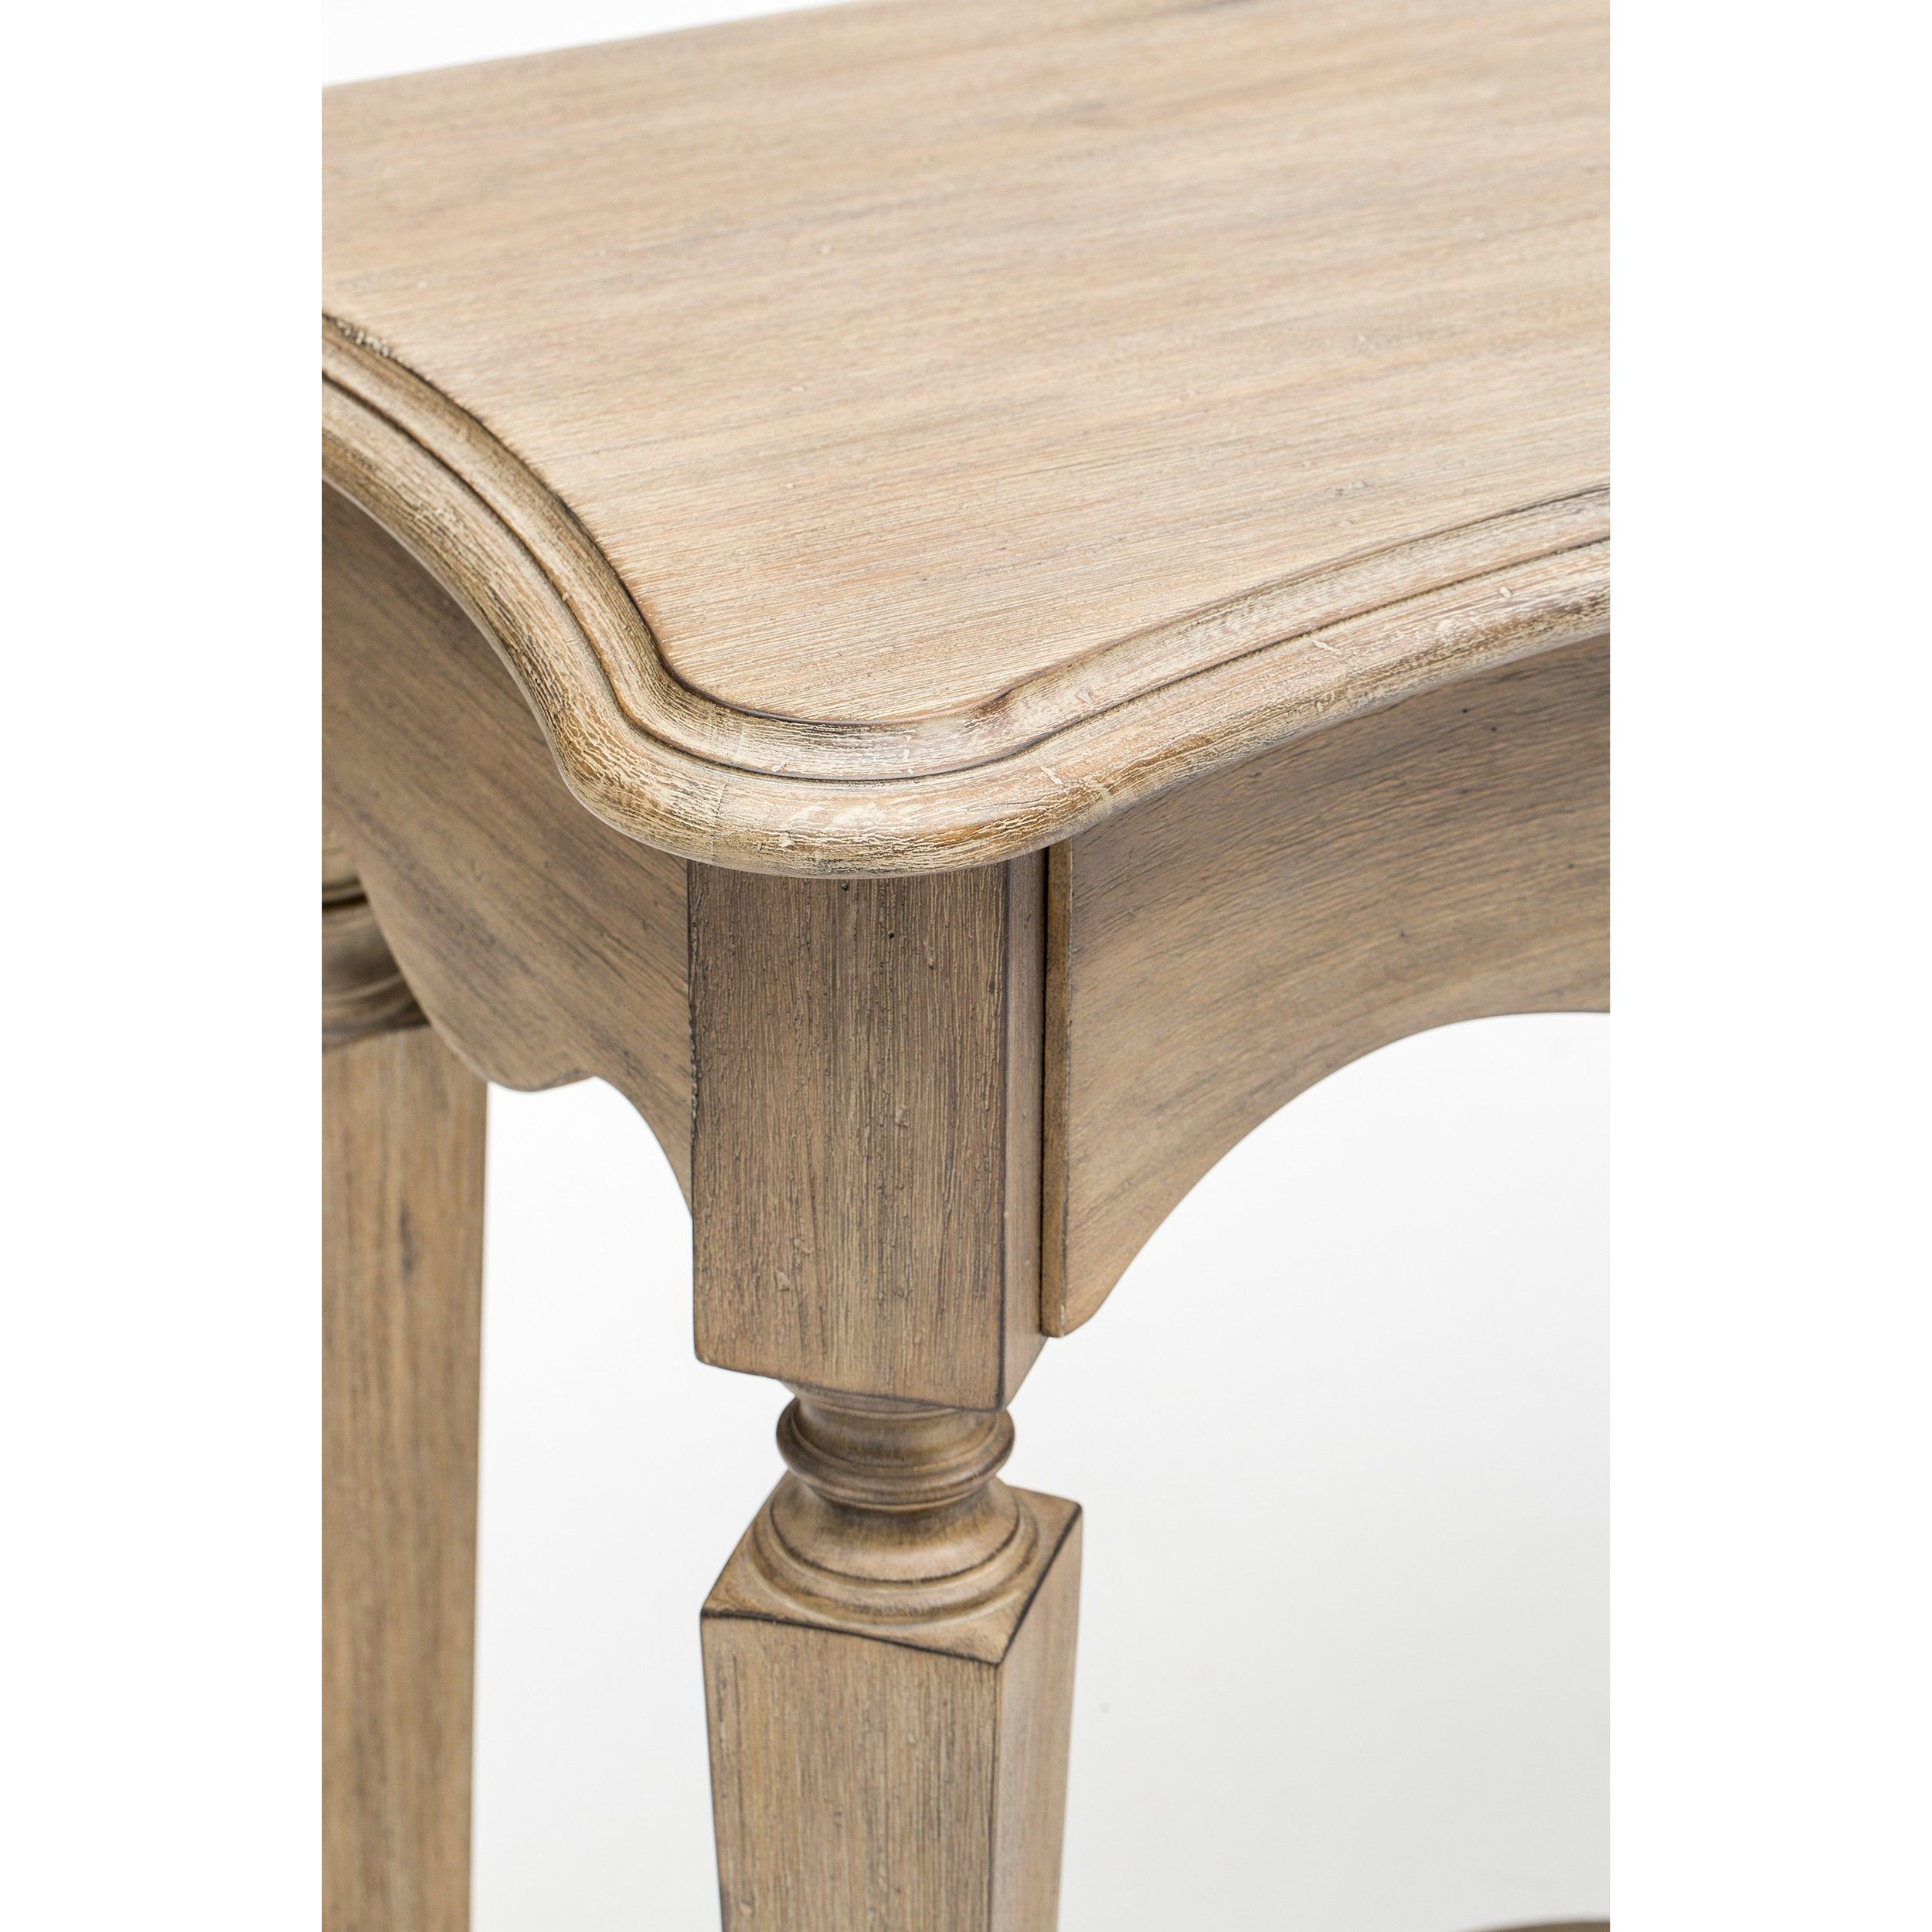 Corsica Server Hooker Furniture Pinterest Dining Room Design - Hooker corsica dining table